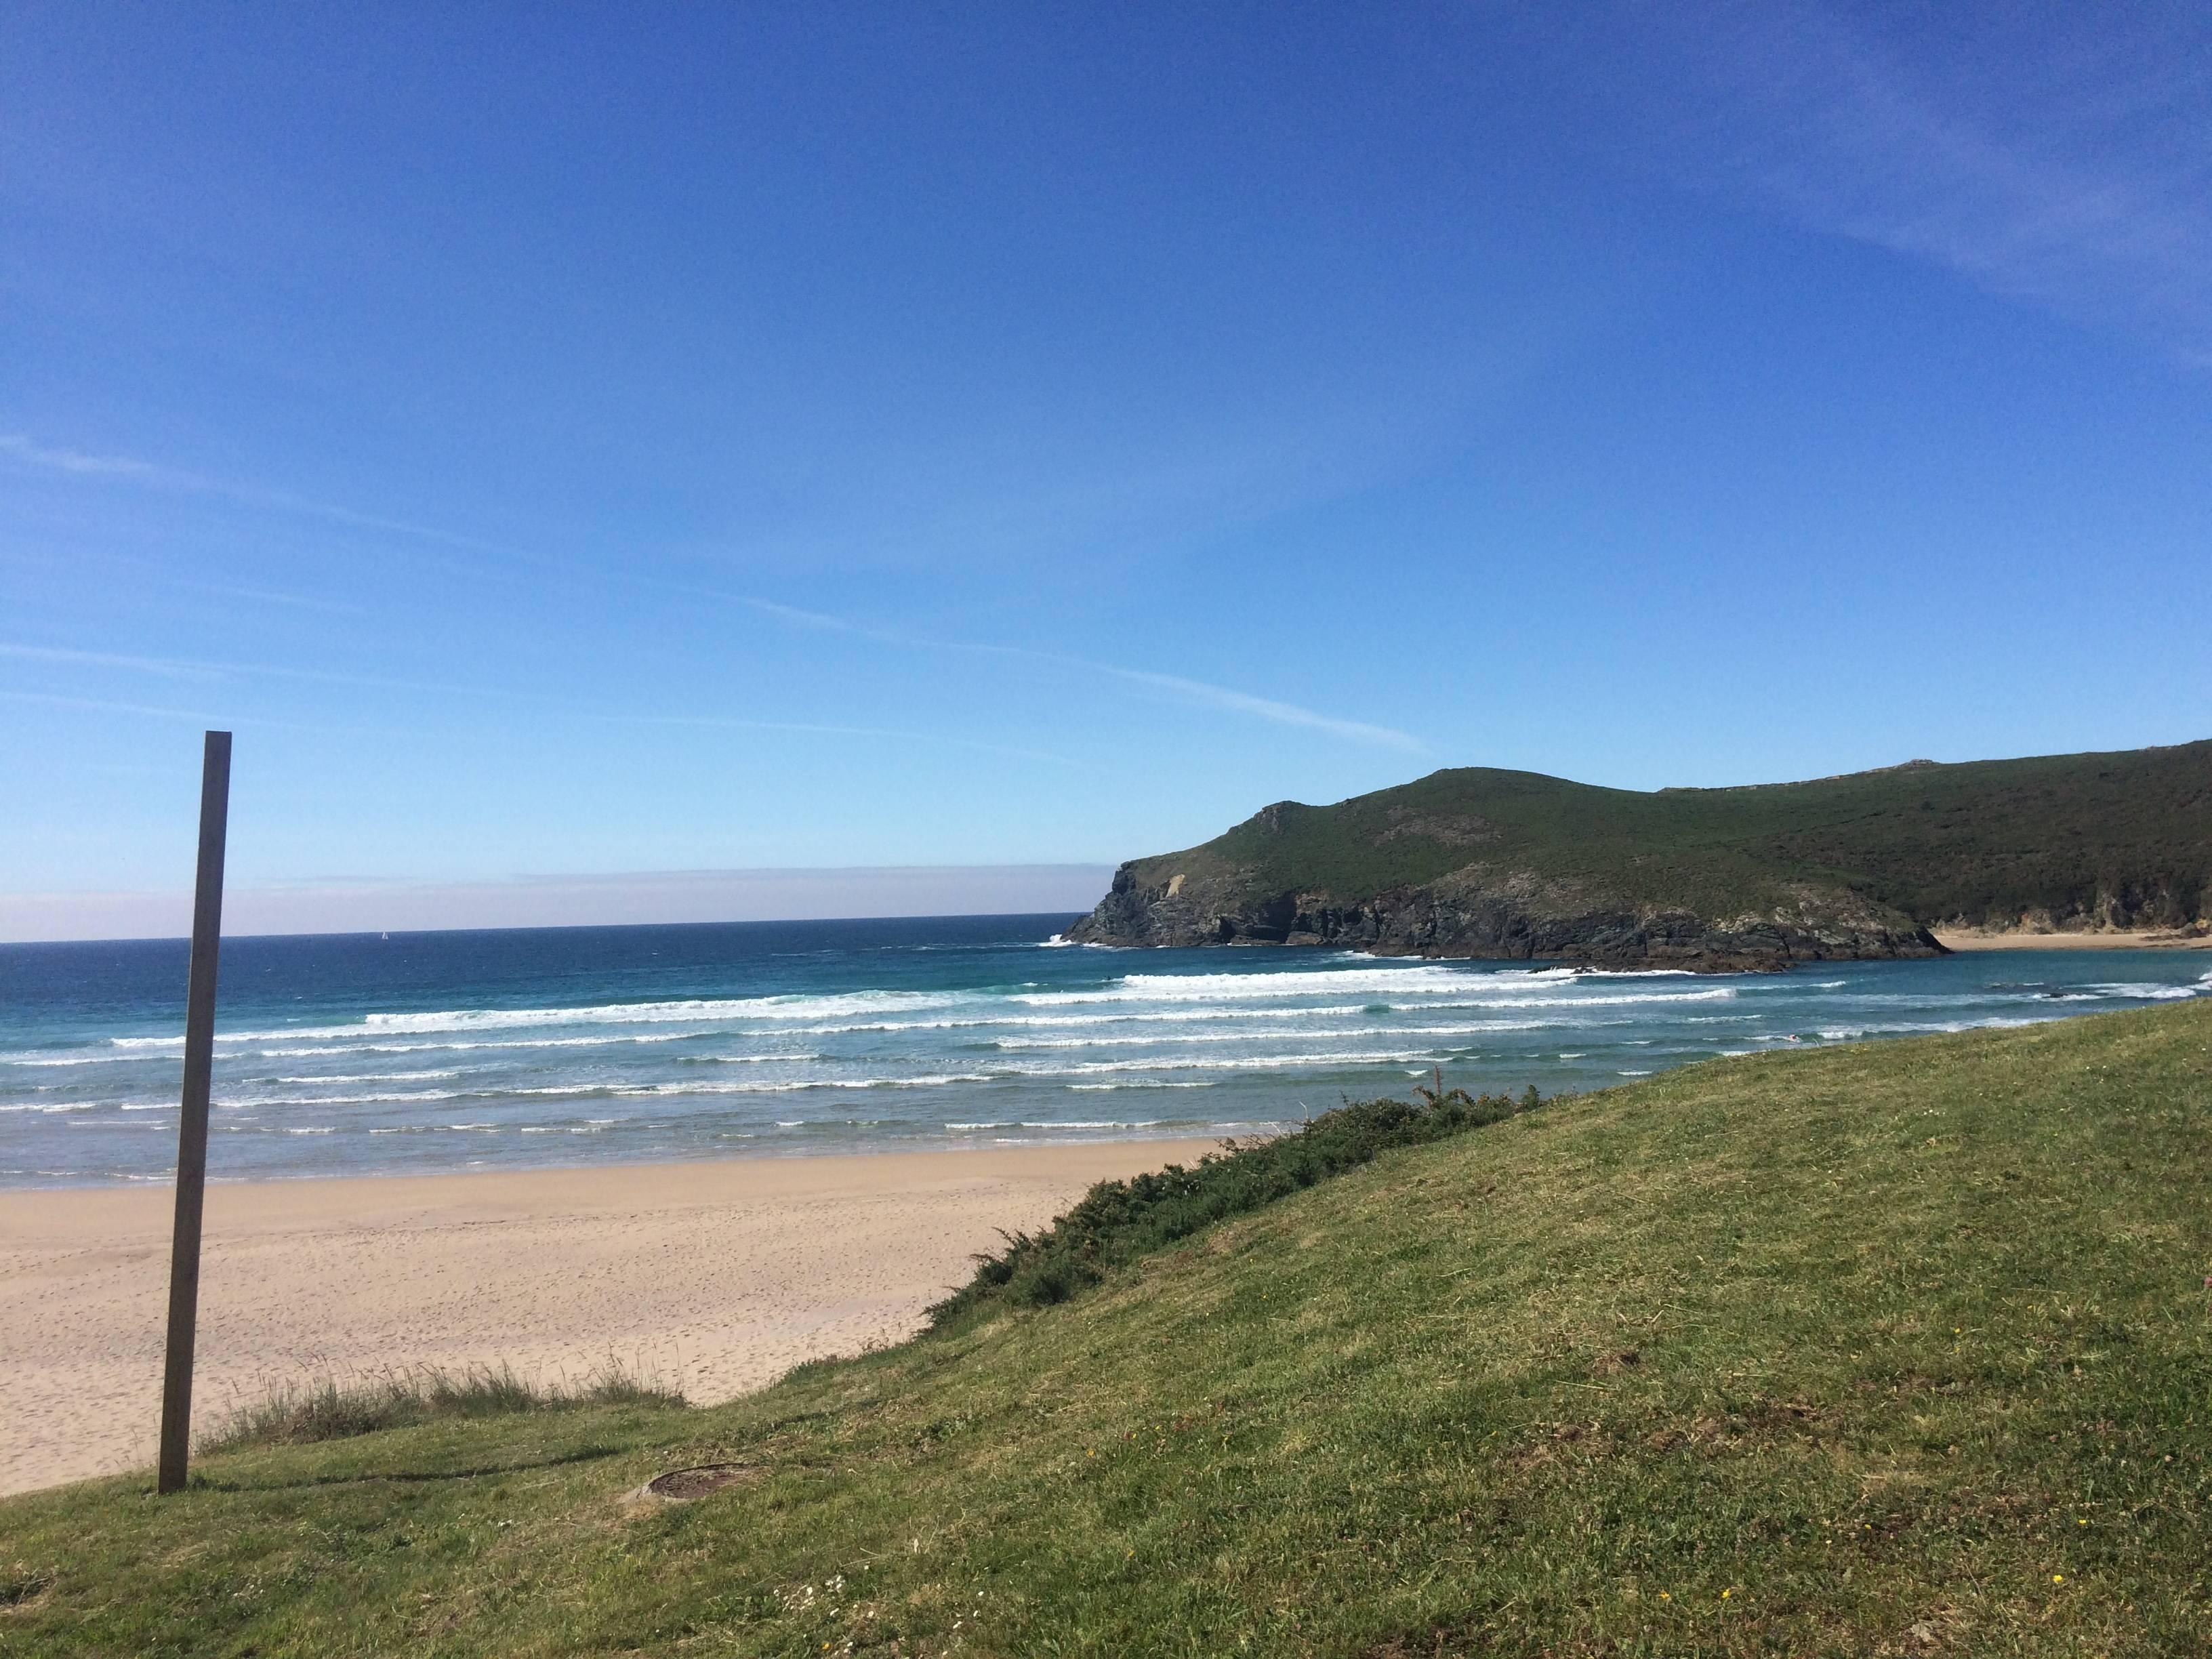 Photo 3: Spot de surf à Pantín en Galice